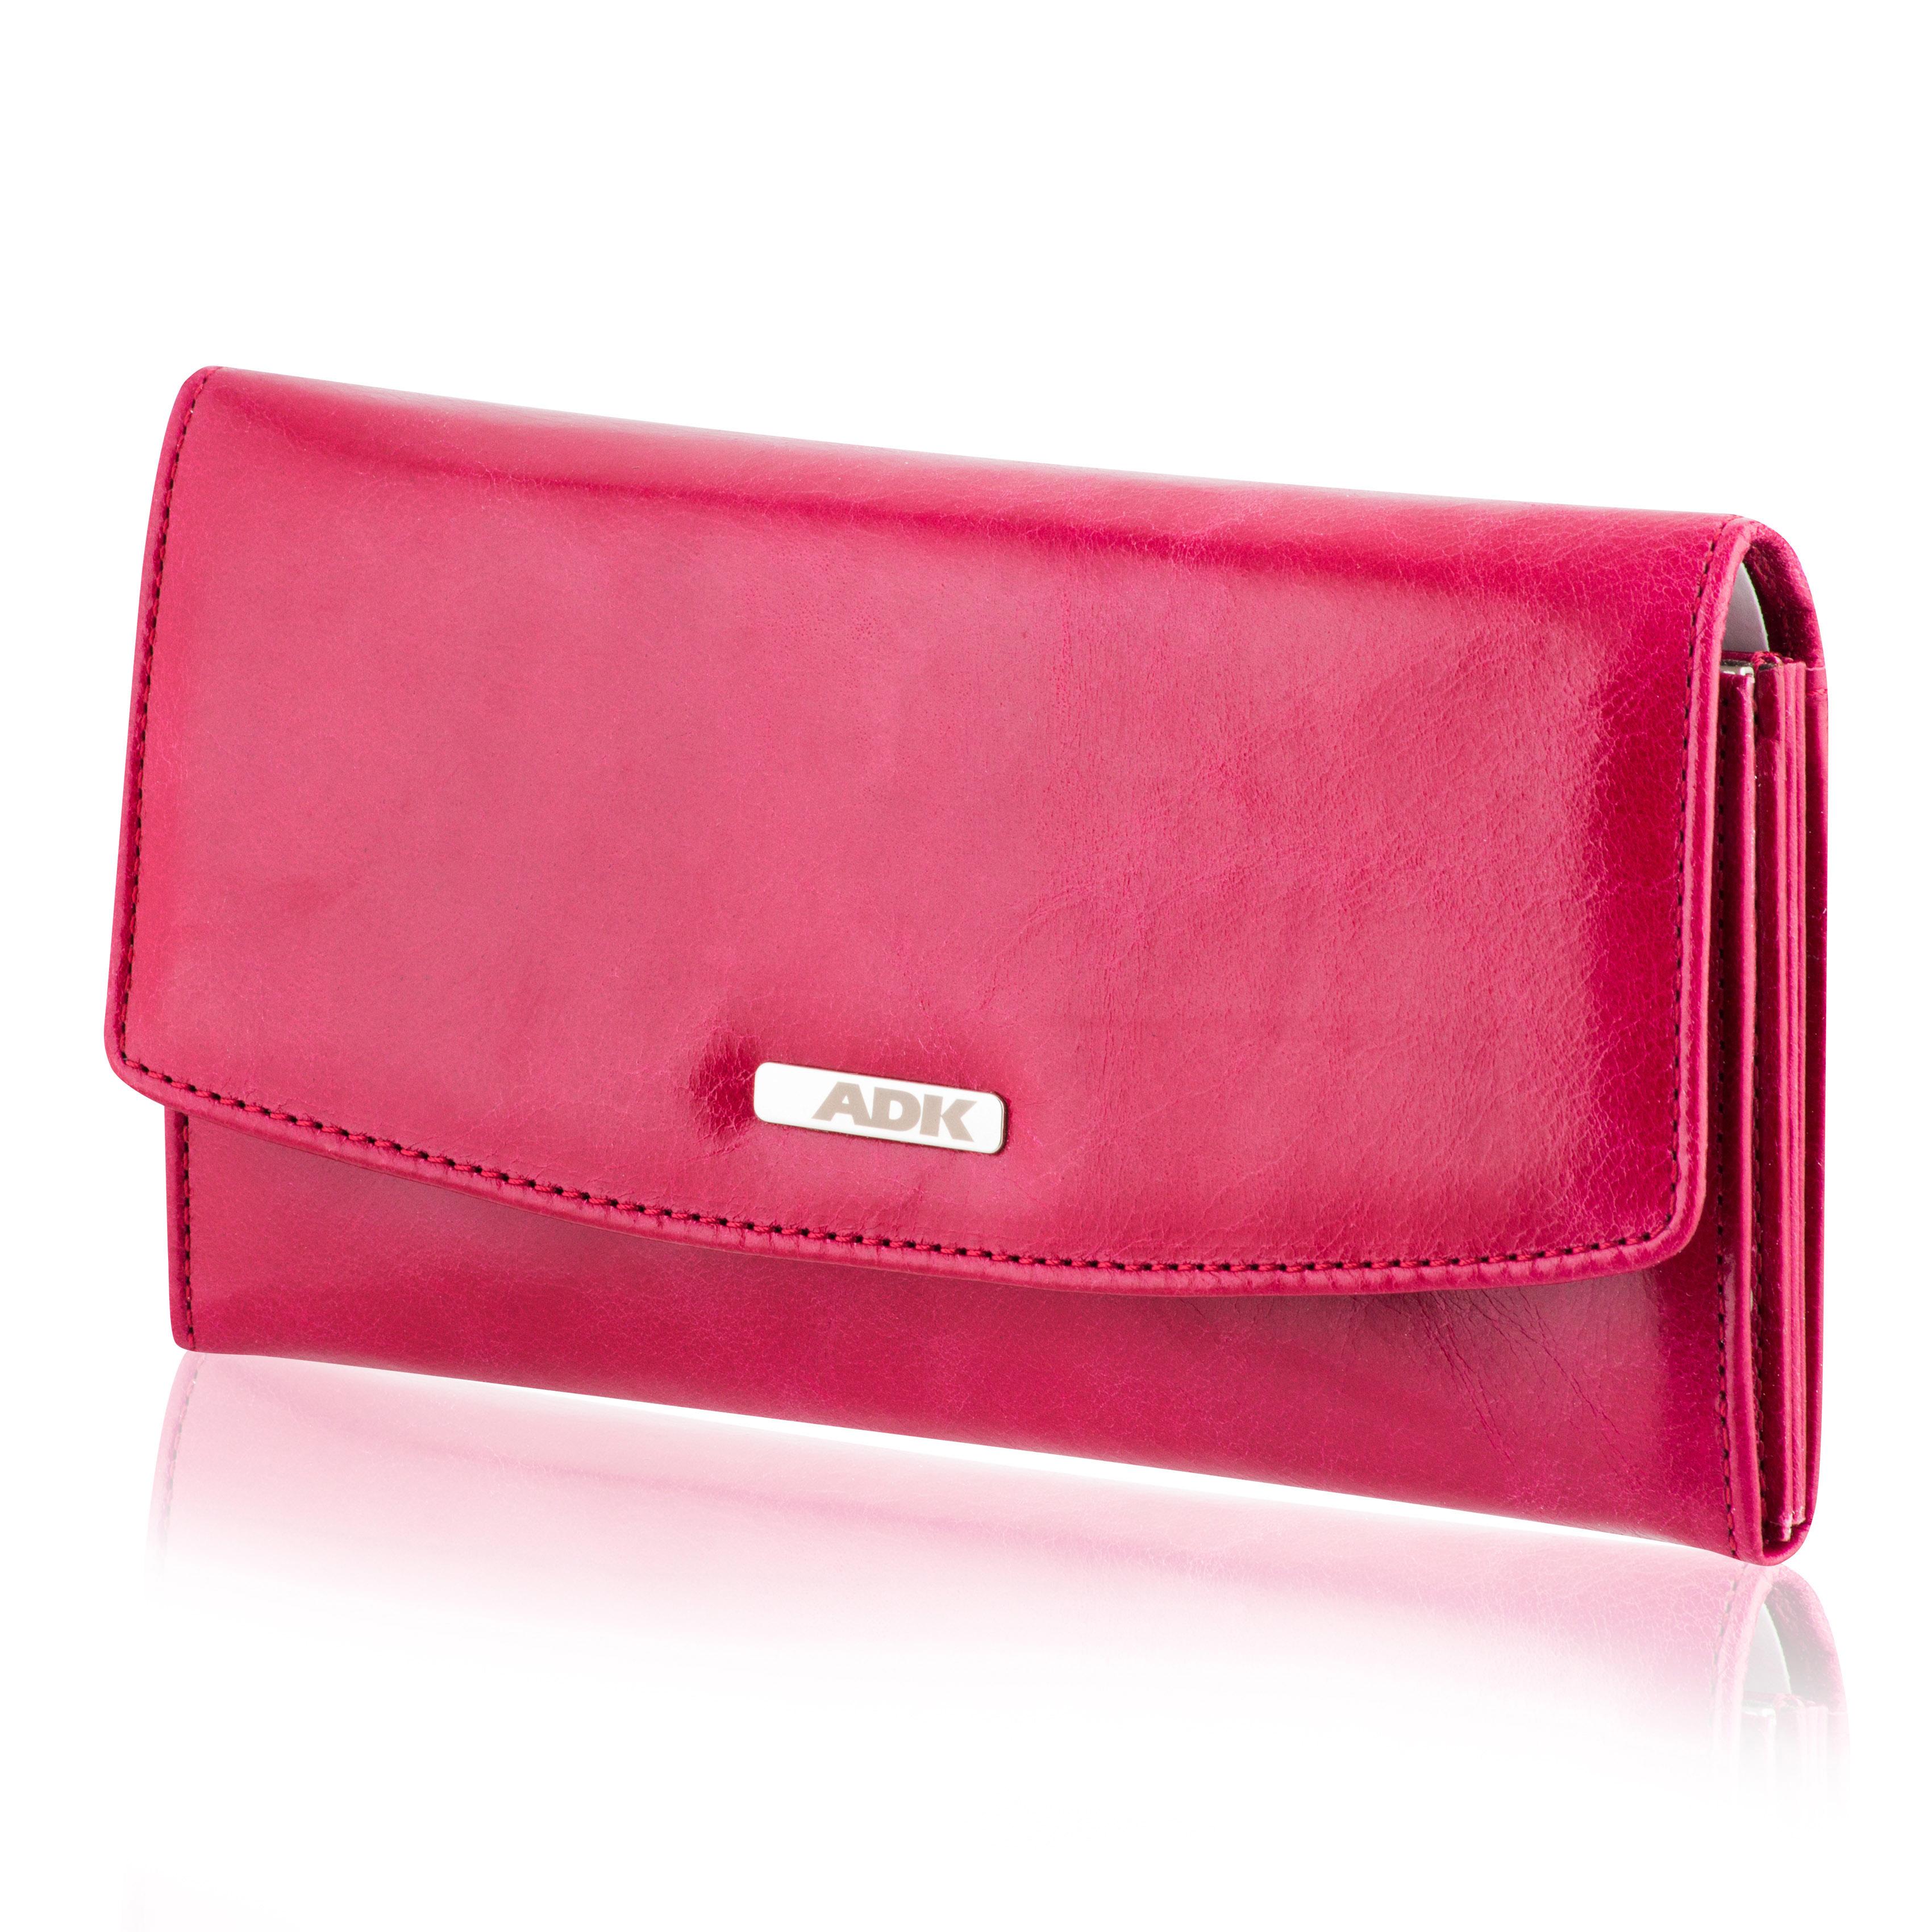 Dámská peněženka ADK Fiesta červená